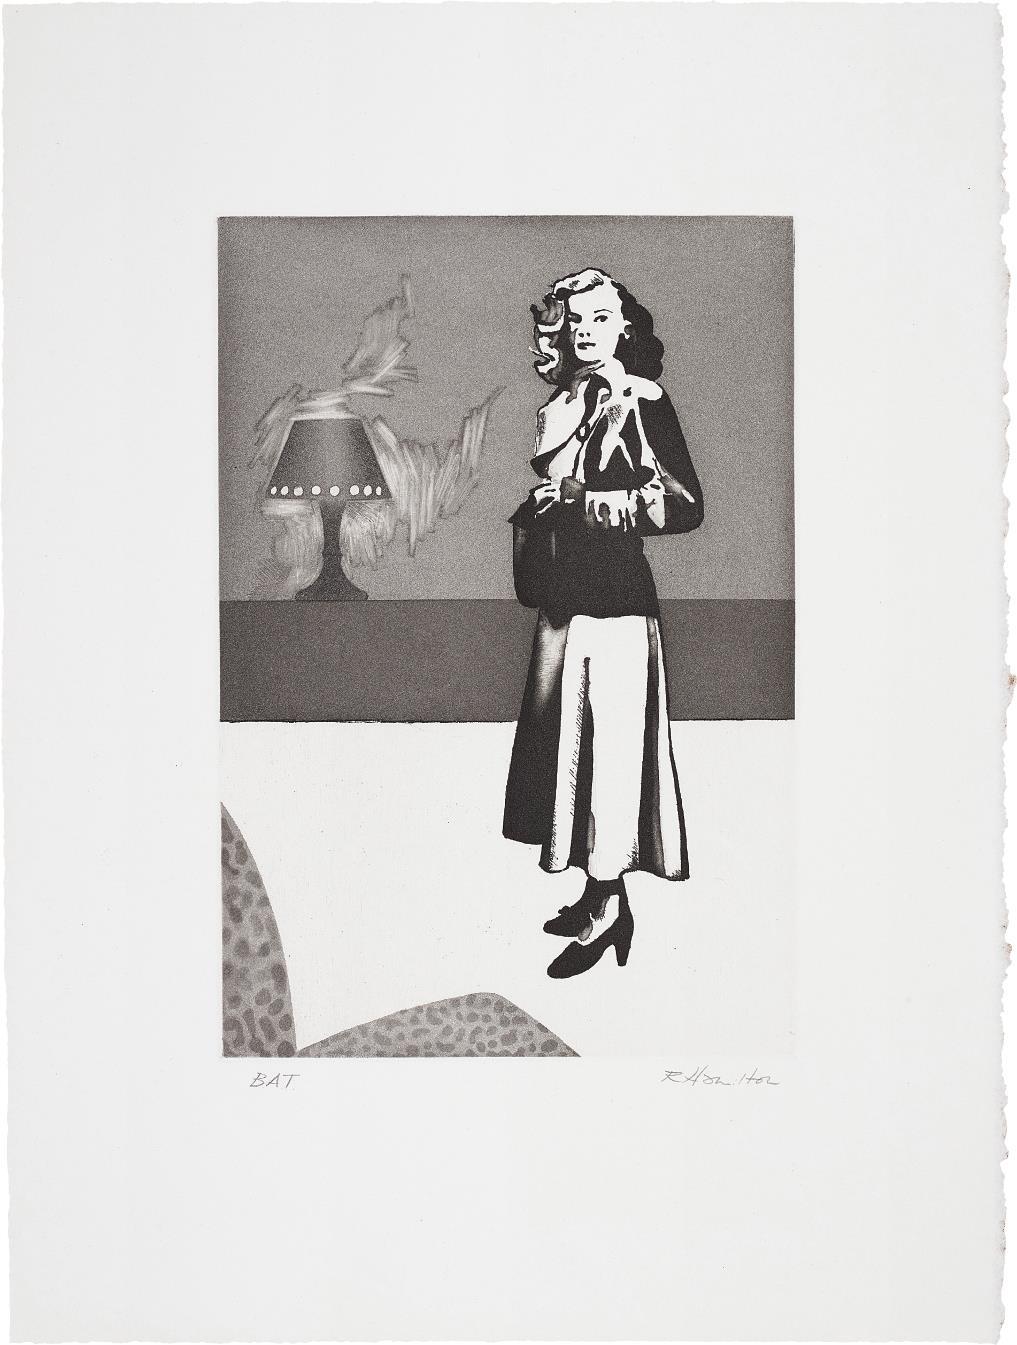 Richard Hamilton-Patricia Knight II-1982